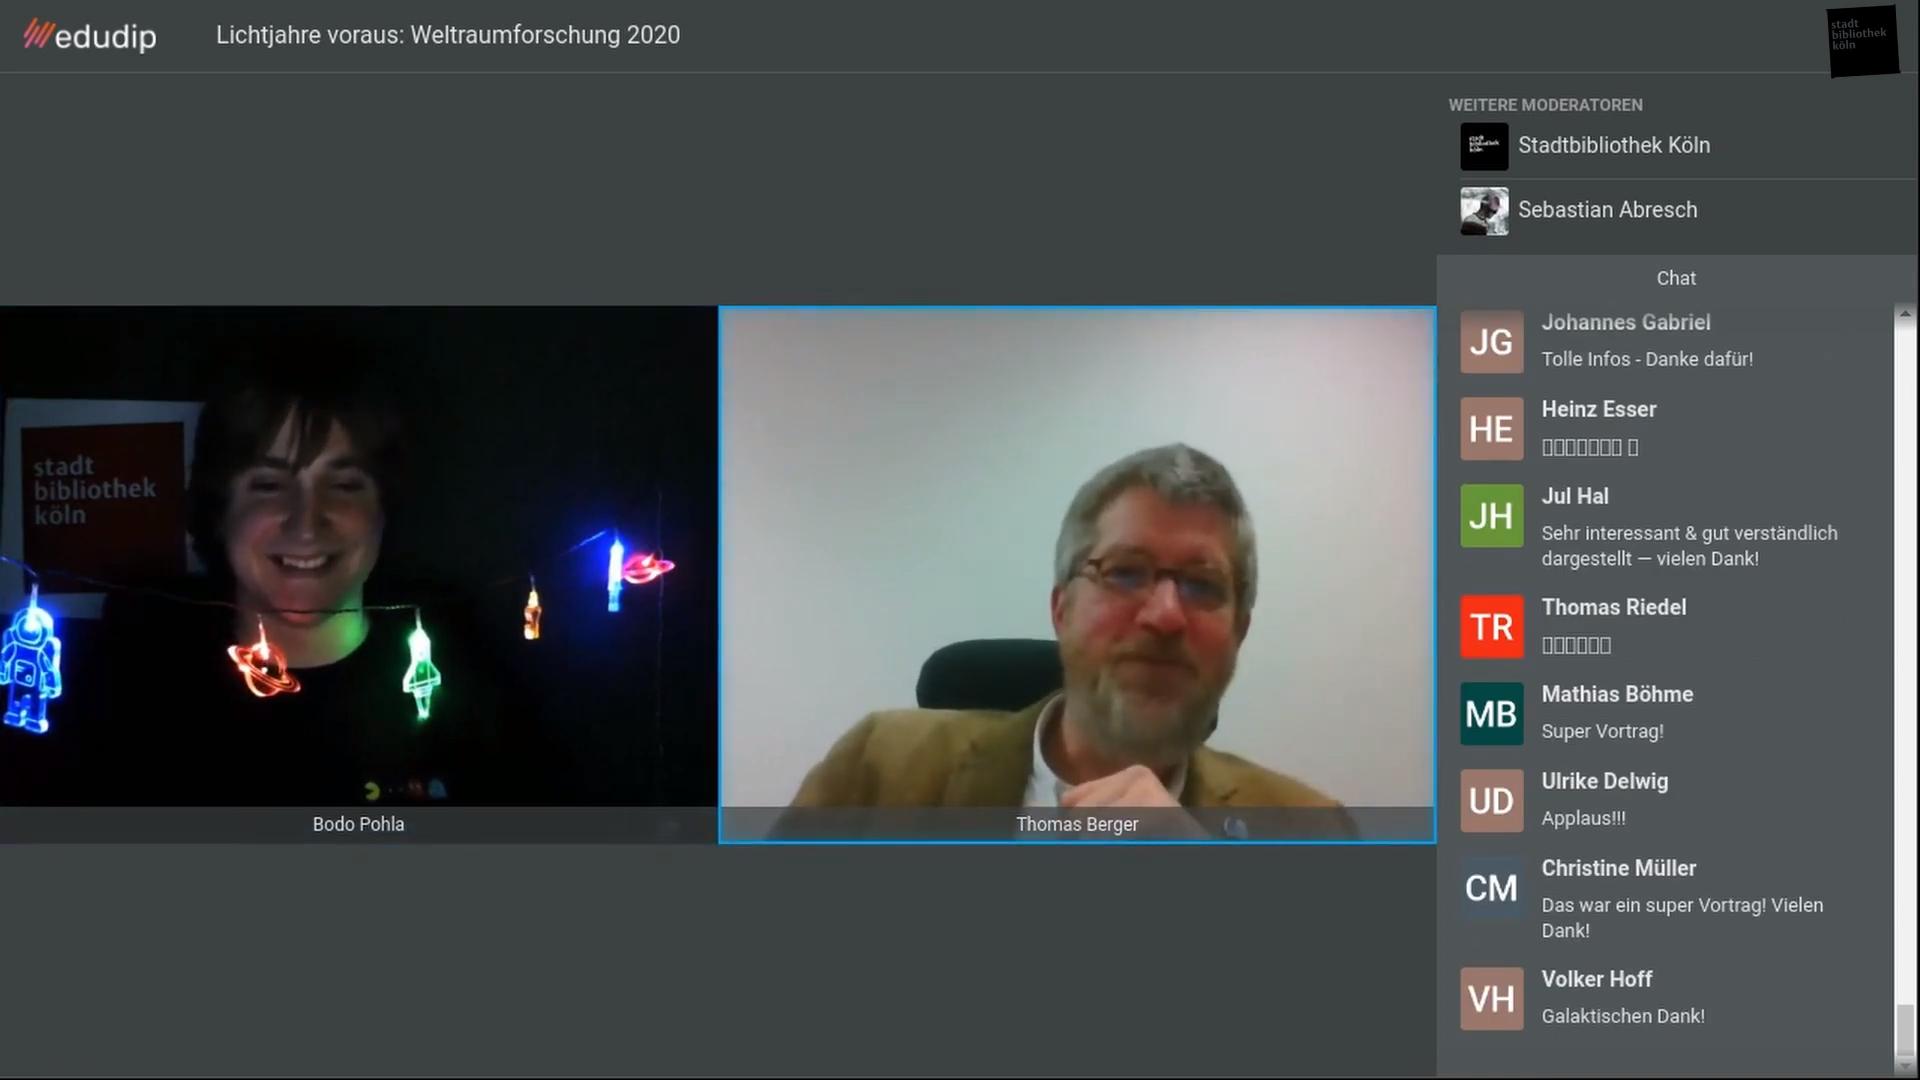 Webinar-Oberfläche von edudip während der ersten Fragerunde. Links der Moderator Bodo Pohla mit einer Astro-Leuchtkette. In der Mitte der Vortragende Thomas Berger. Rechts der Chat der Veranstaltung. Teilnehmende danken noch dem Vortragenden Doktor Thomas Berger.